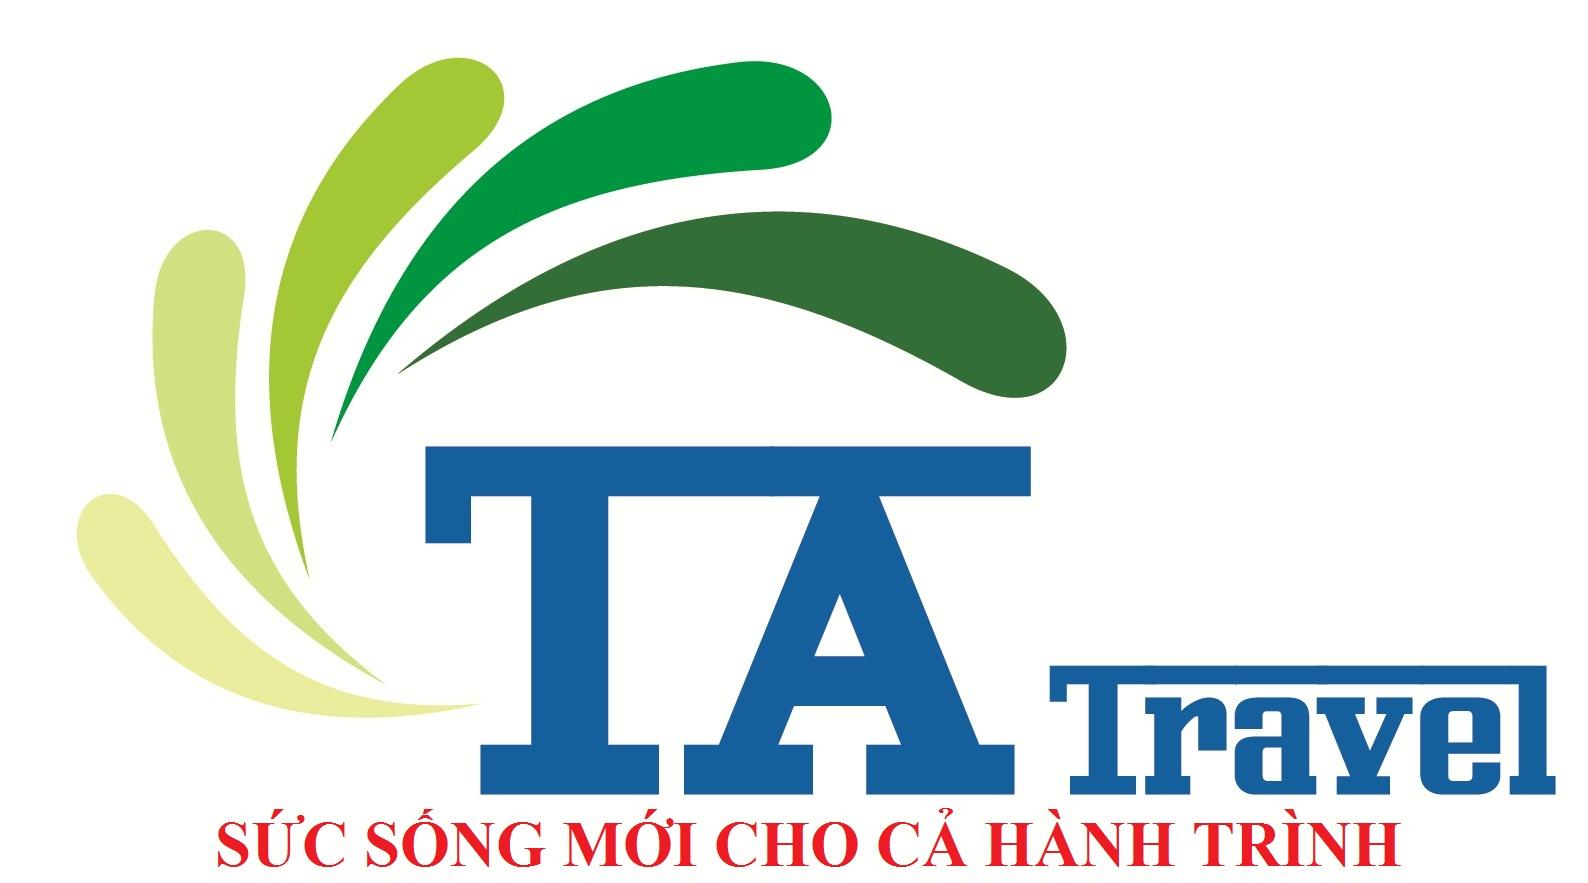 Tân Á